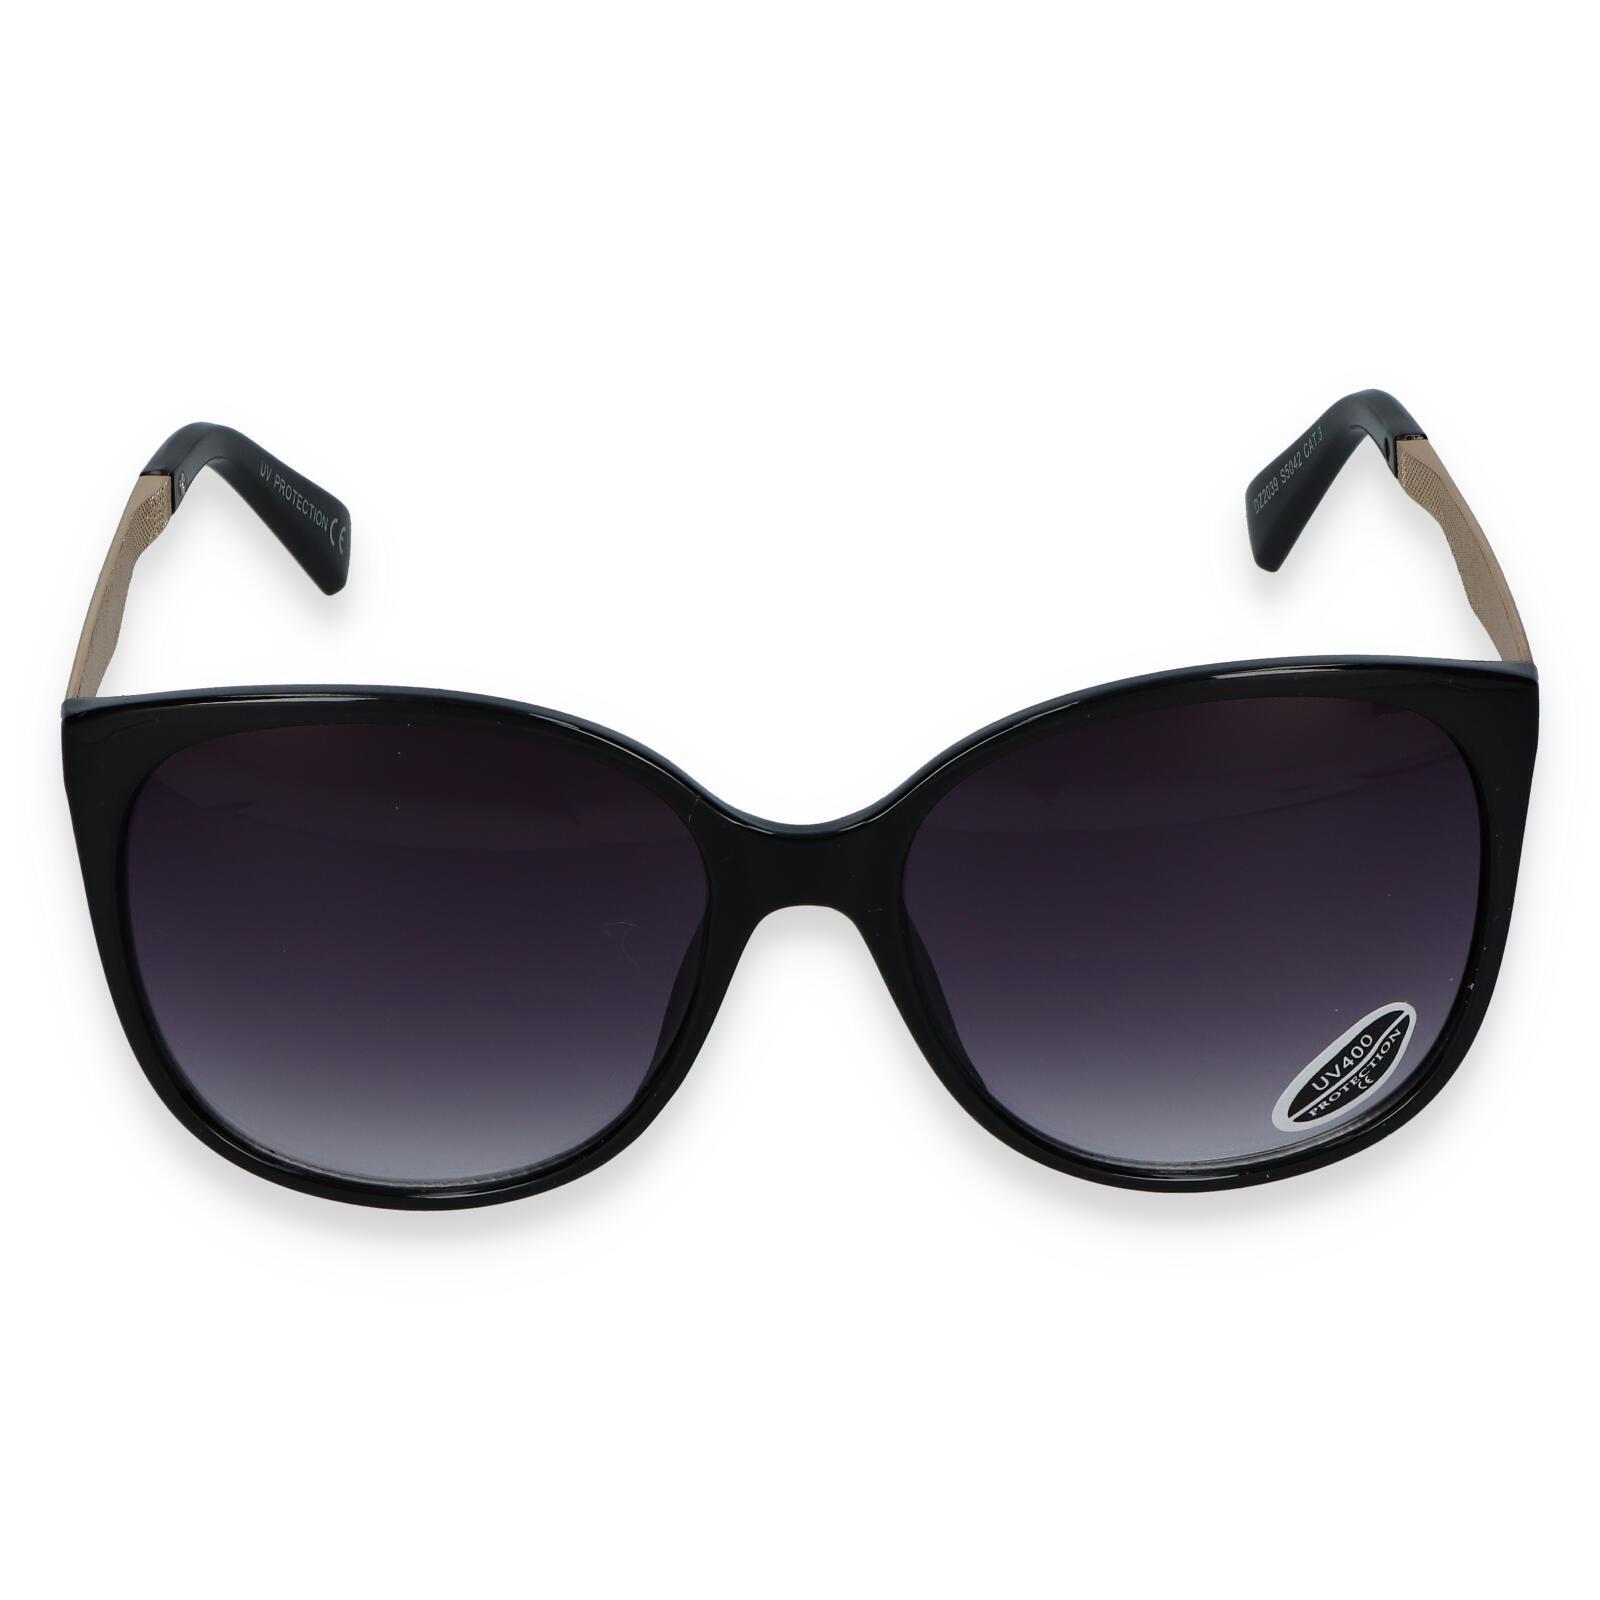 Dámské sluneční brýle černé - S2405 černá